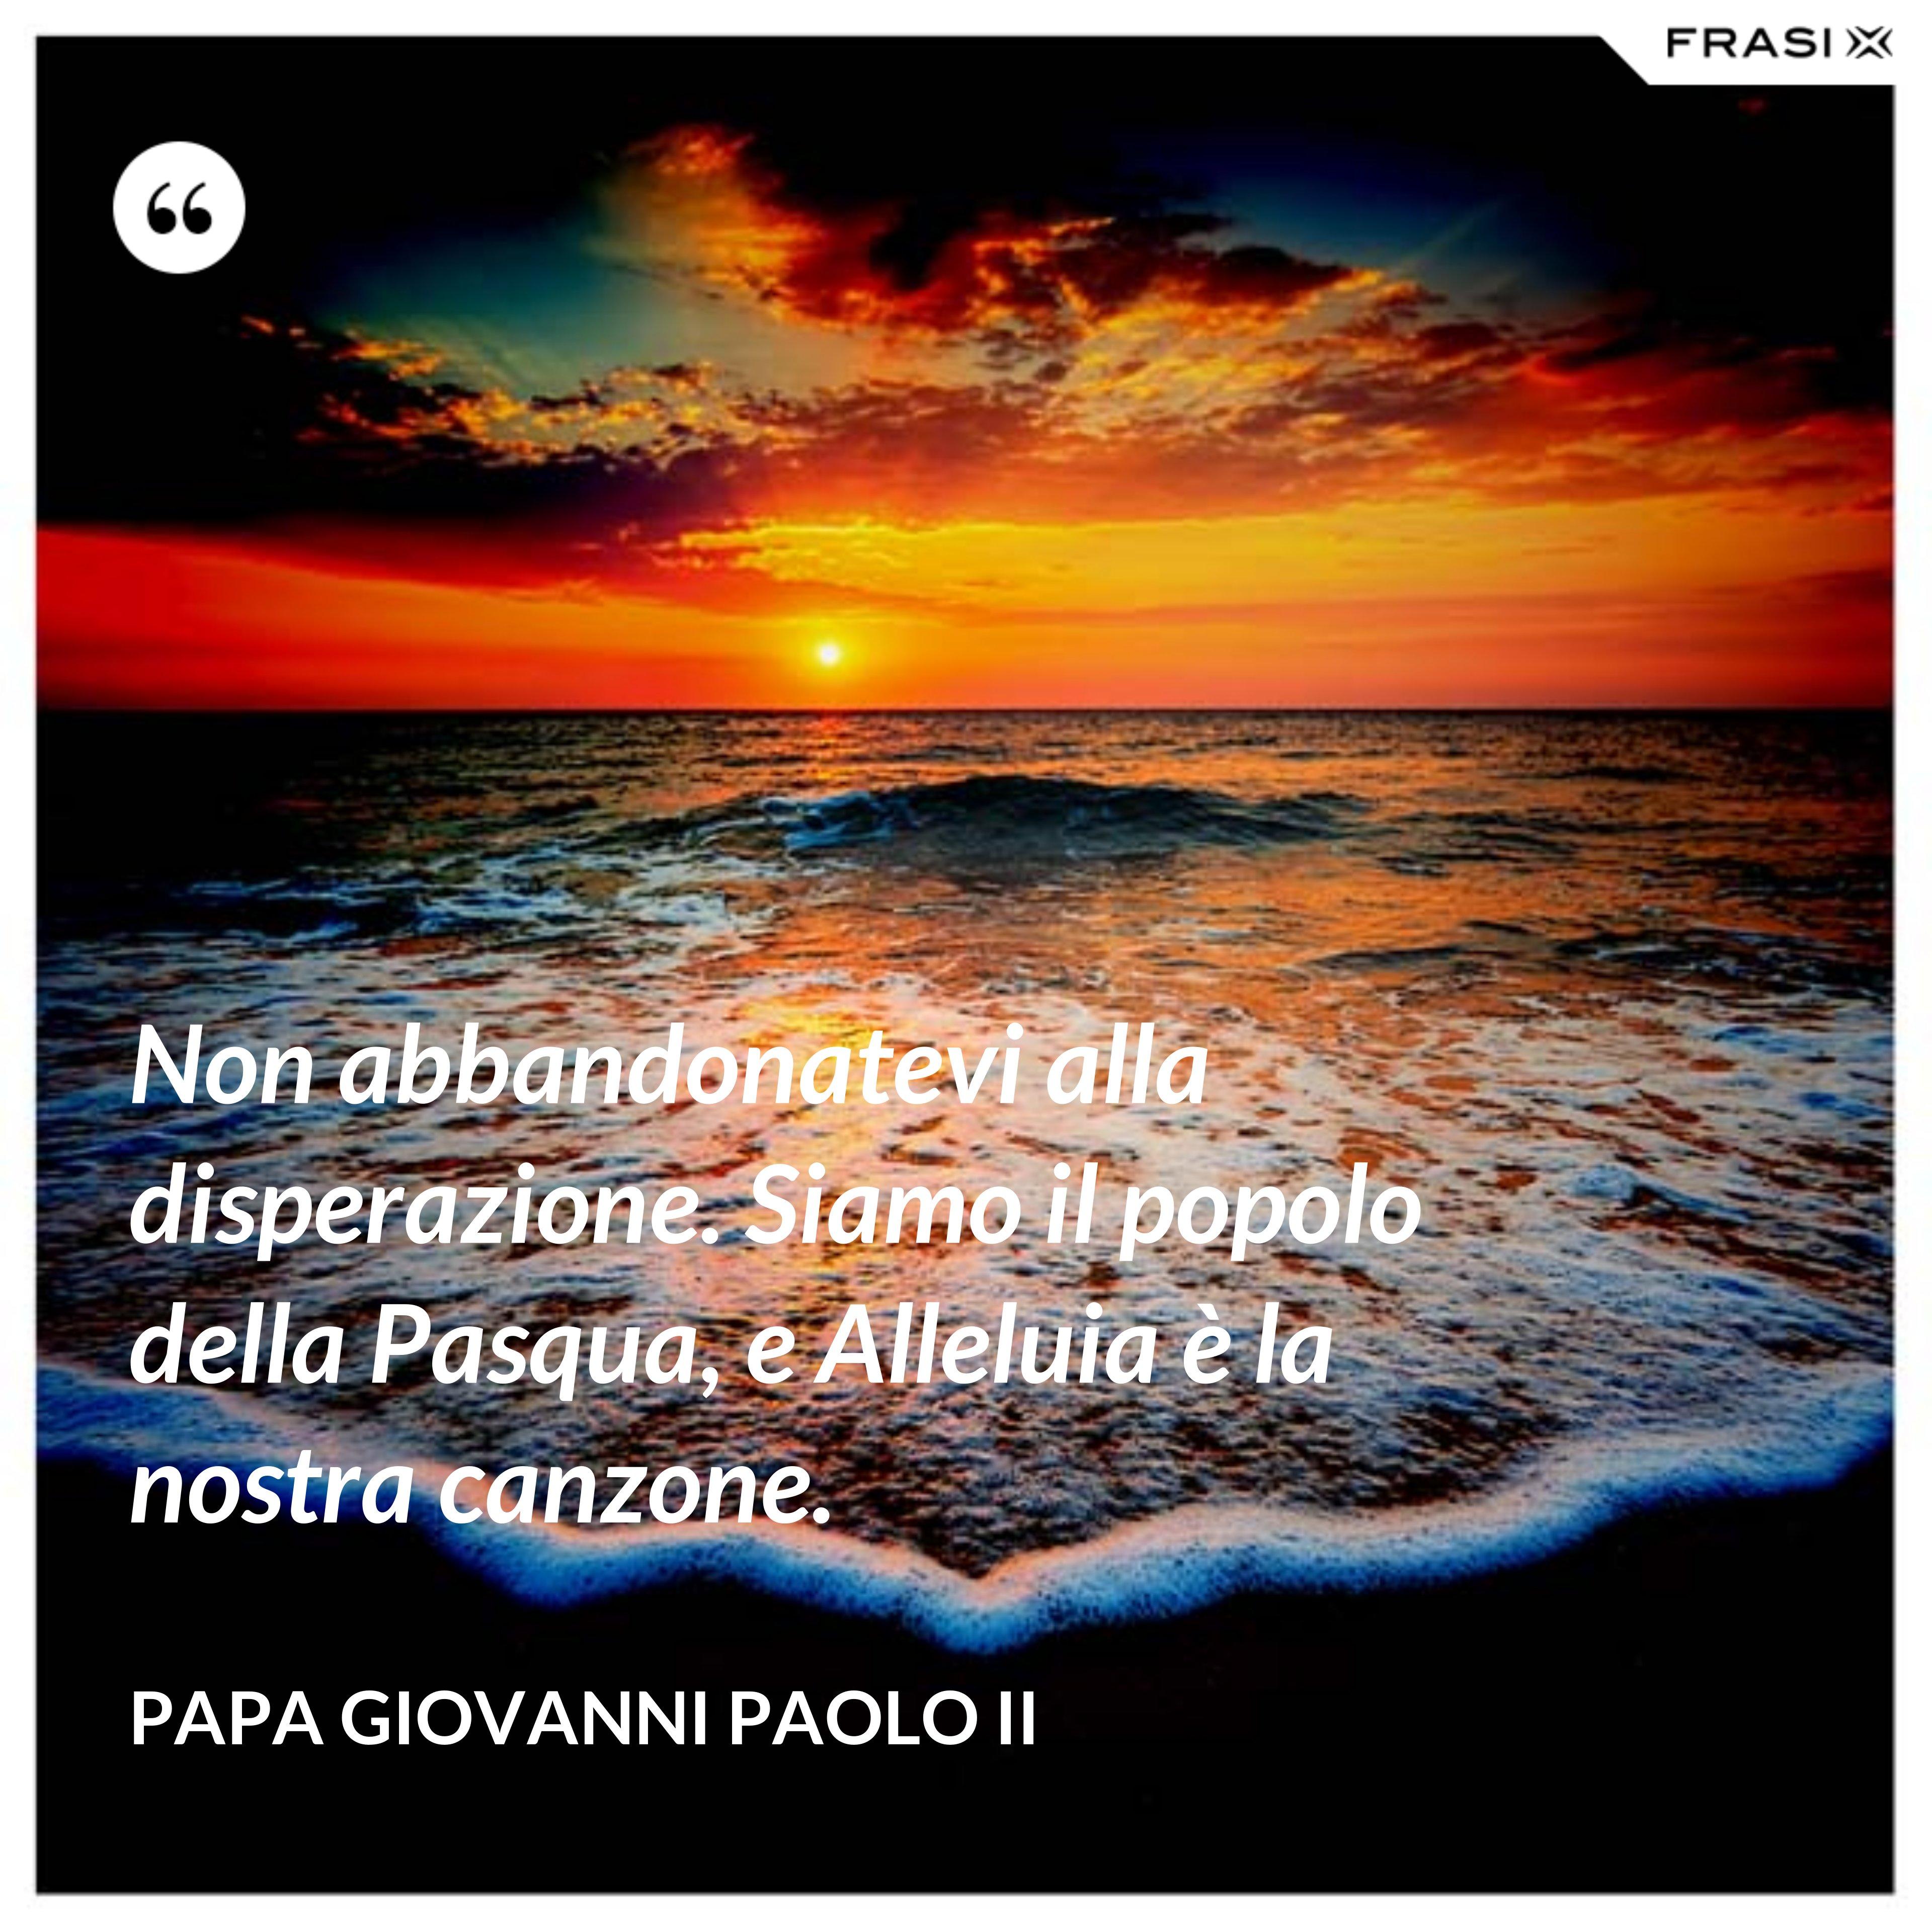 Non abbandonatevi alla disperazione. Siamo il popolo della Pasqua, e Alleluia è la nostra canzone. - Papa Giovanni Paolo II